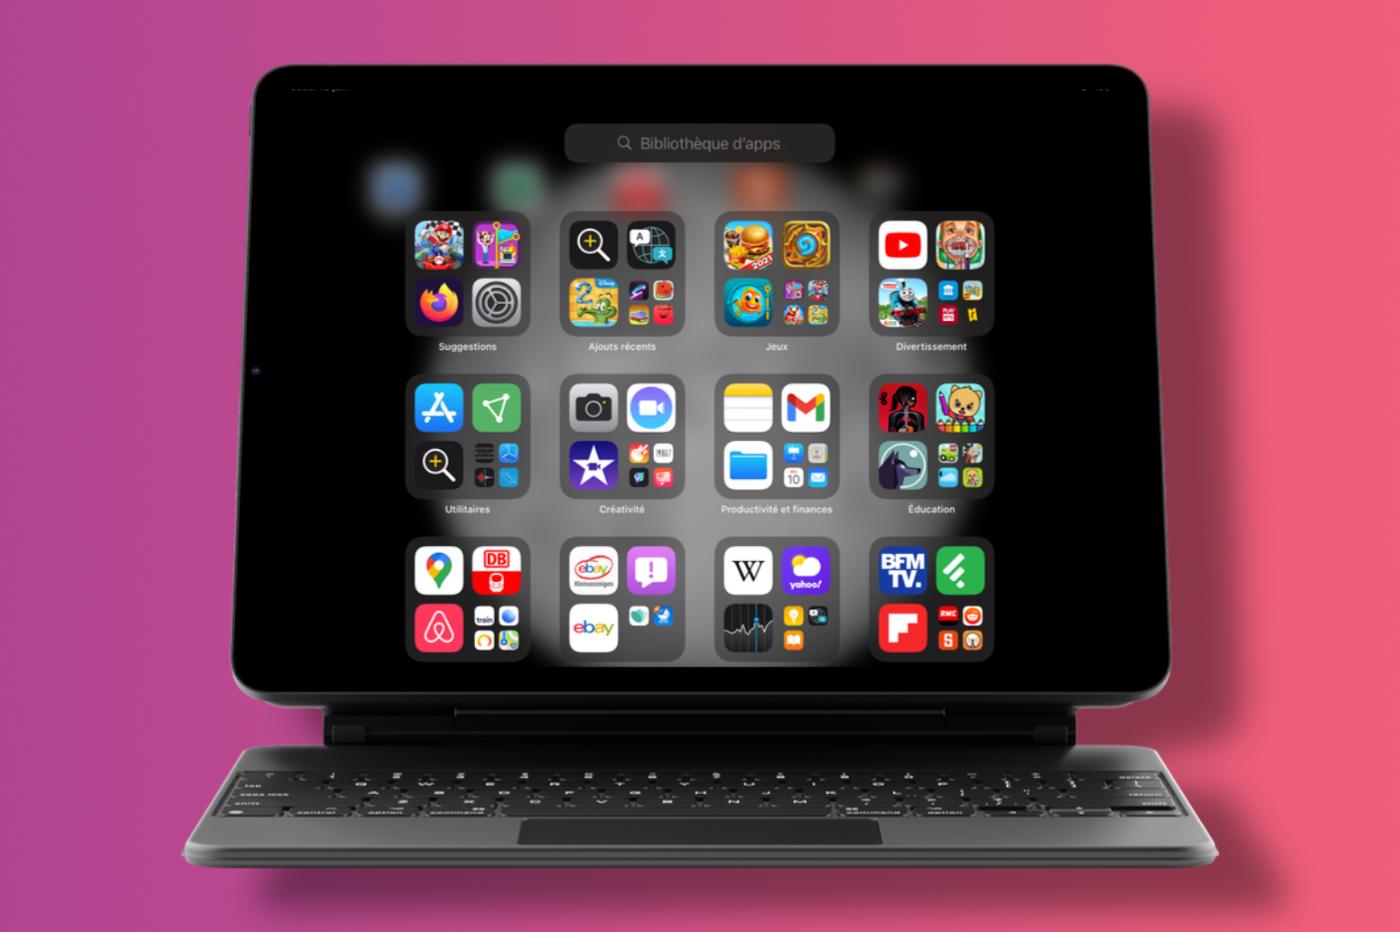 Bibliothèque d'apps sur iPad